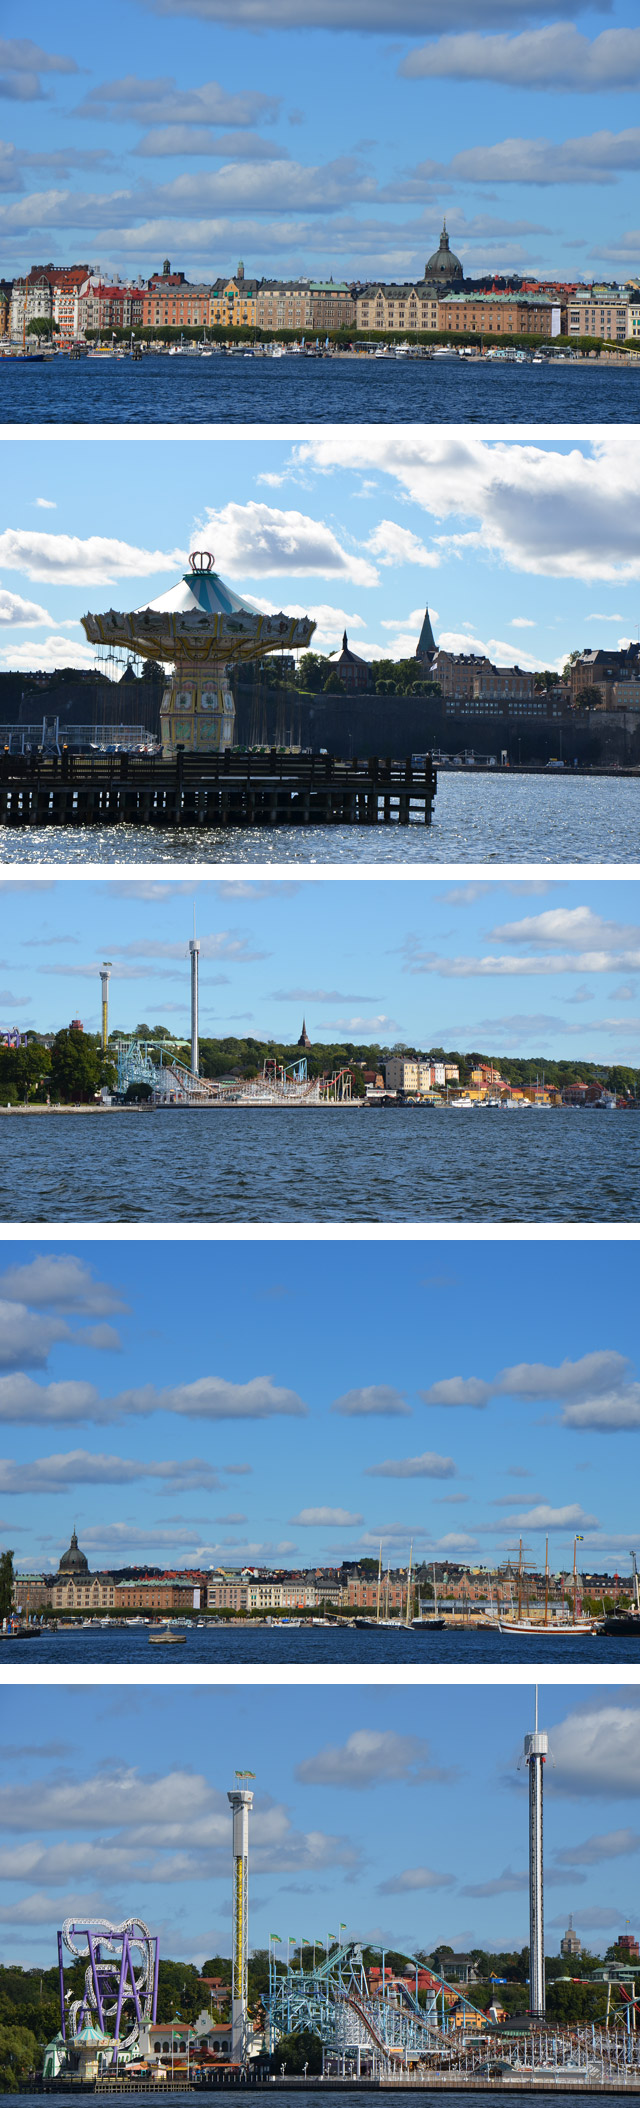 Bateau jusqu'au musée Vasa - Östermalm, Parc Gröna Lund